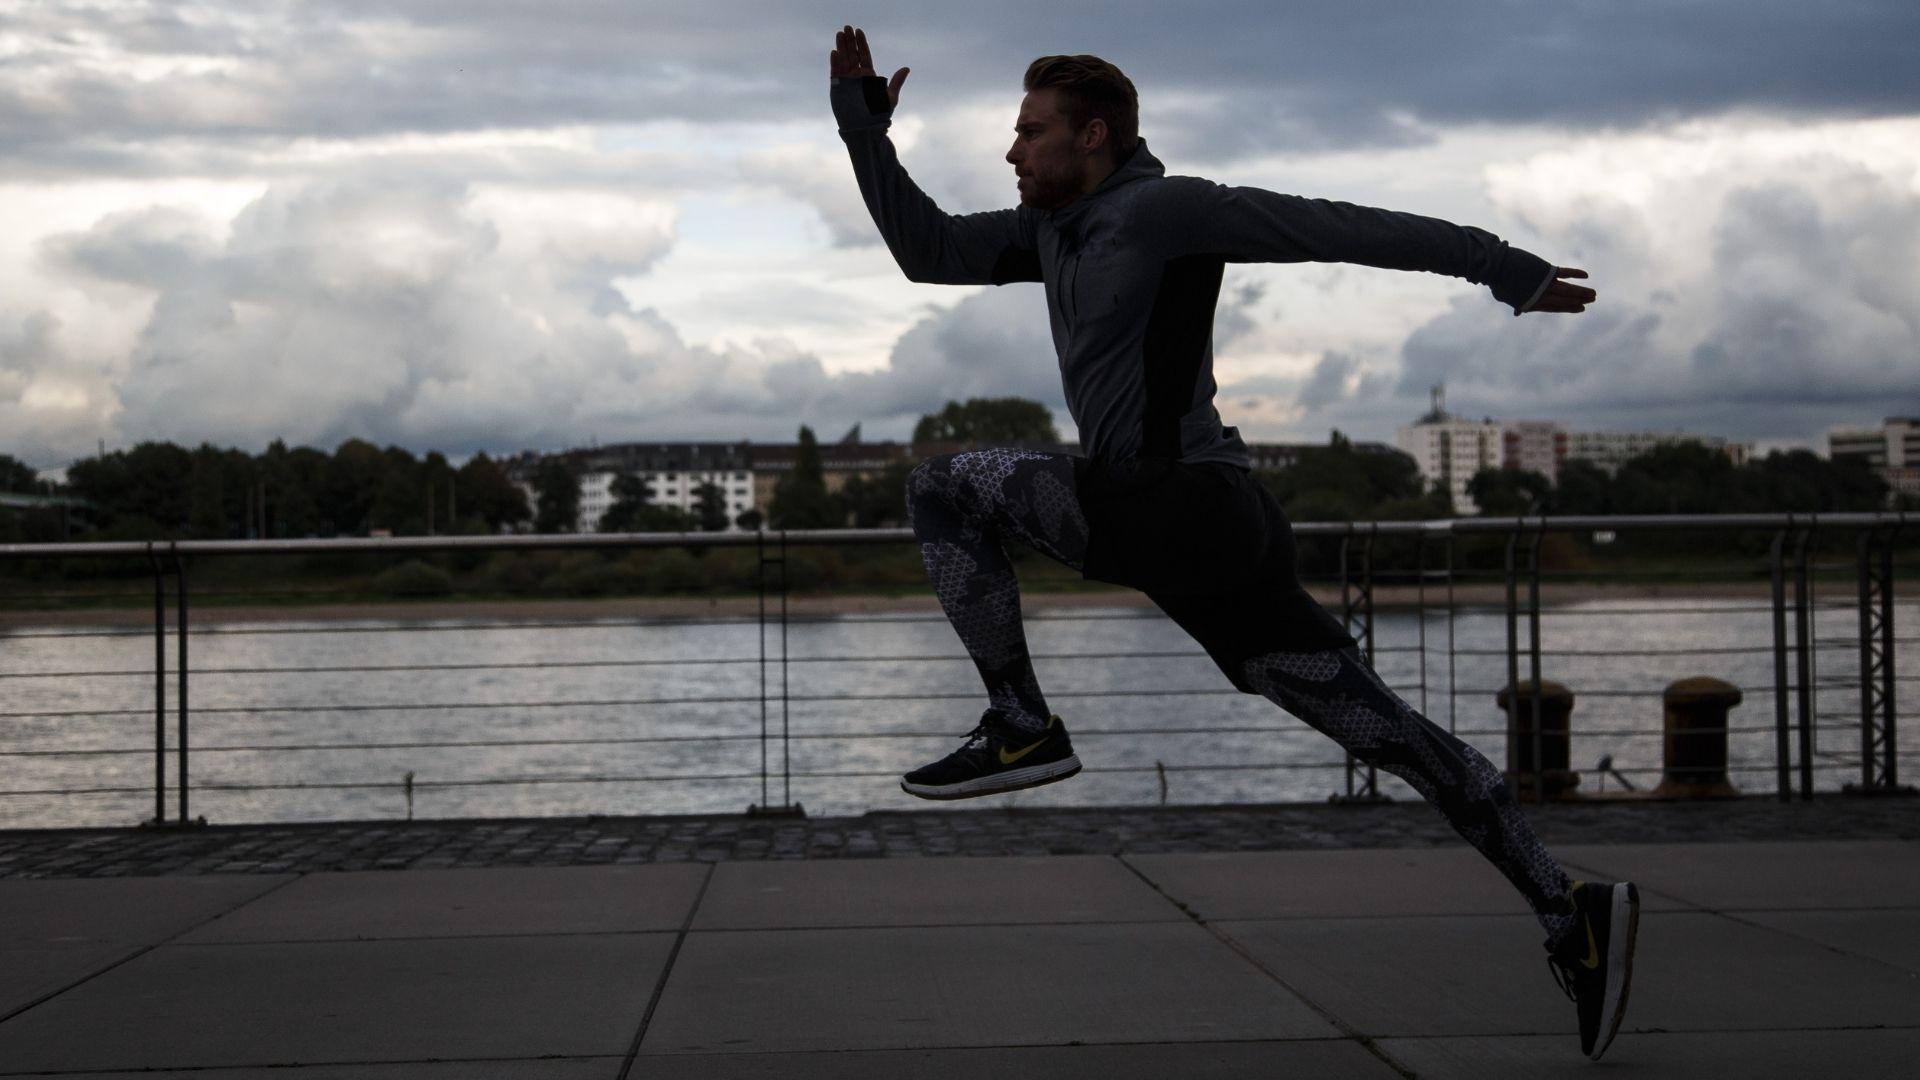 Trainingsmethoden für mehr Schnelligkeit